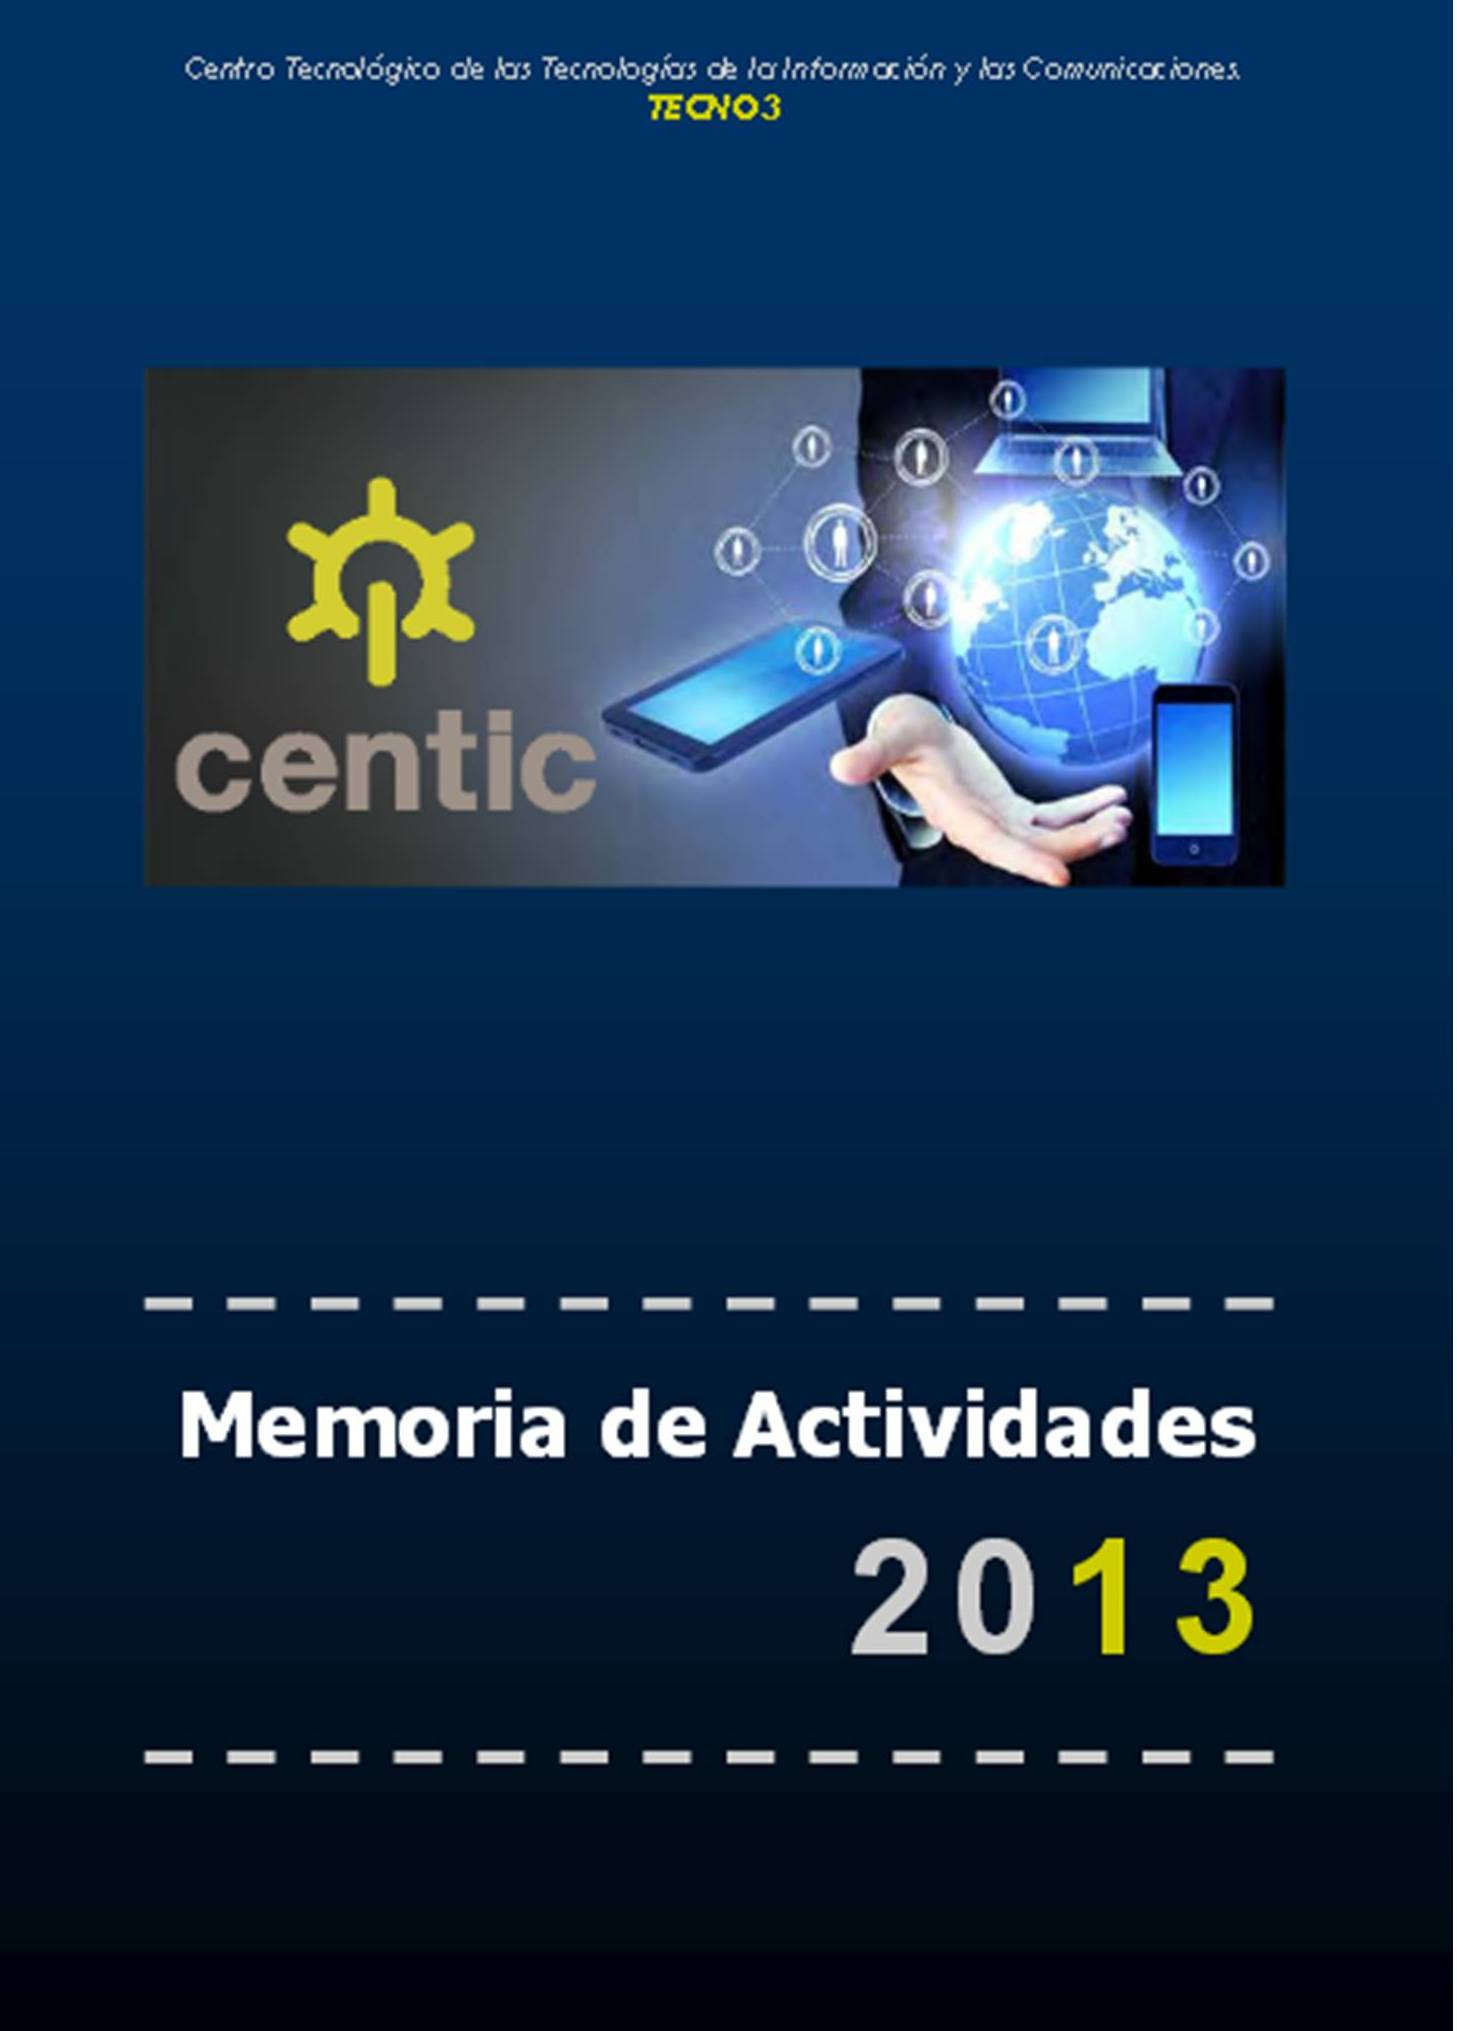 Miniatura memoria 2013